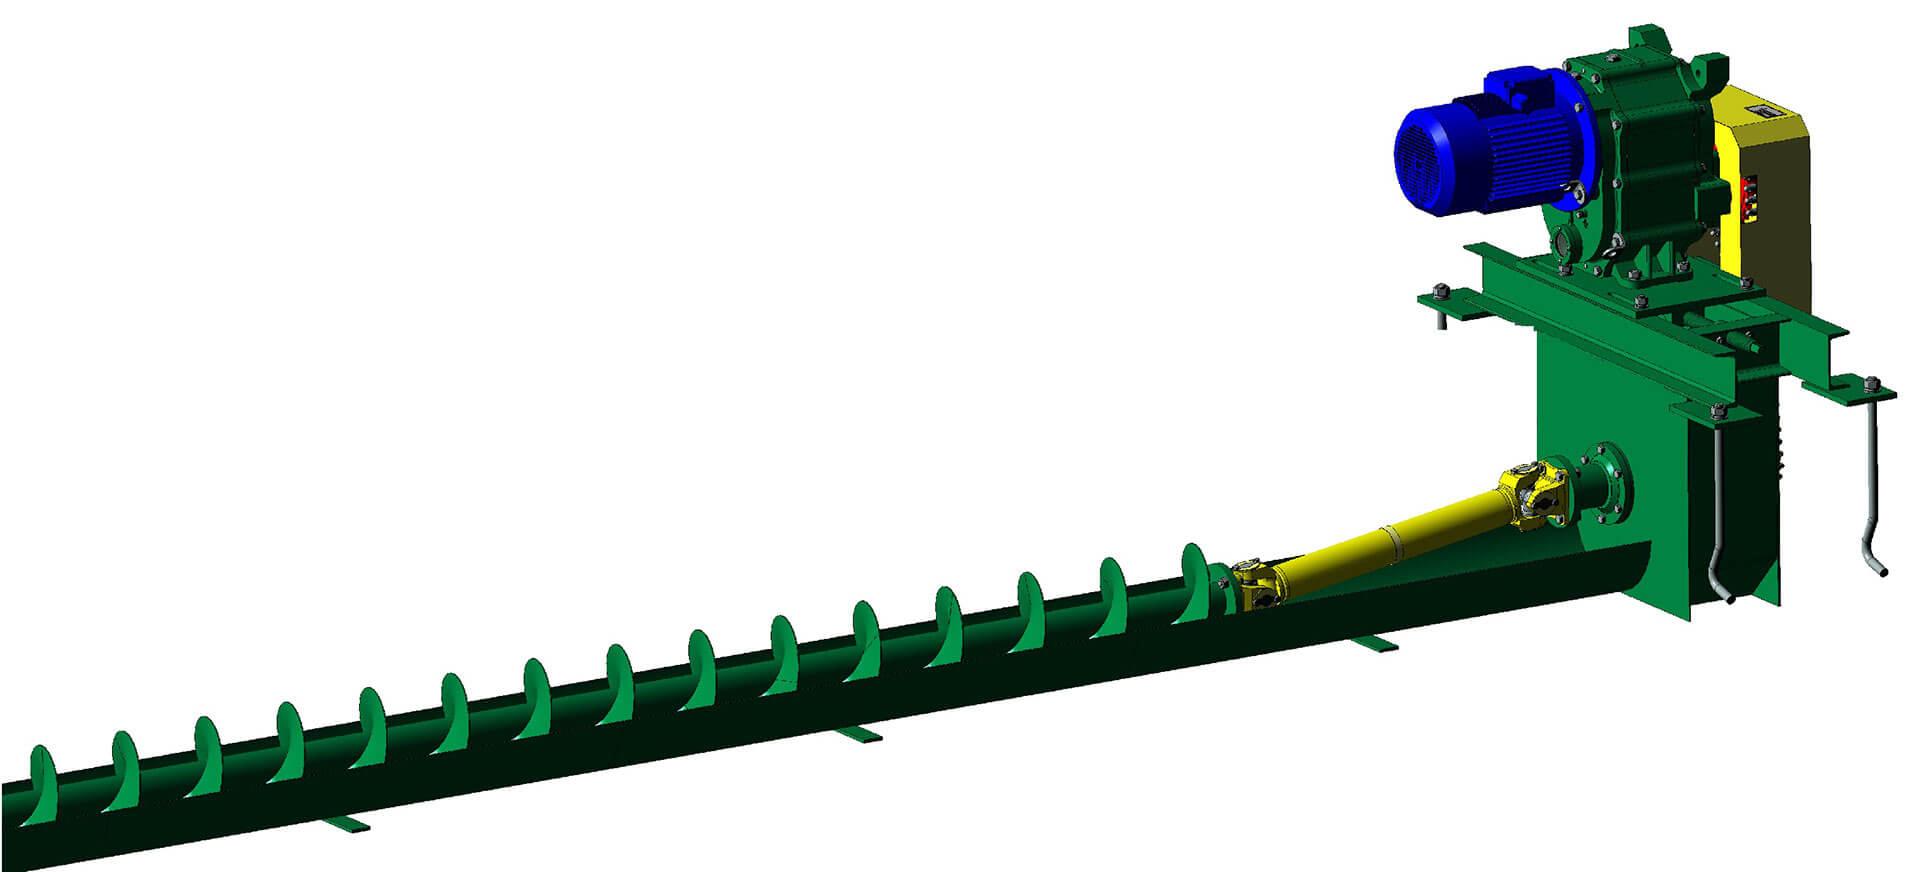 Шнековых транспортеров навозоудаления авто ру фольксваген транспортер т3